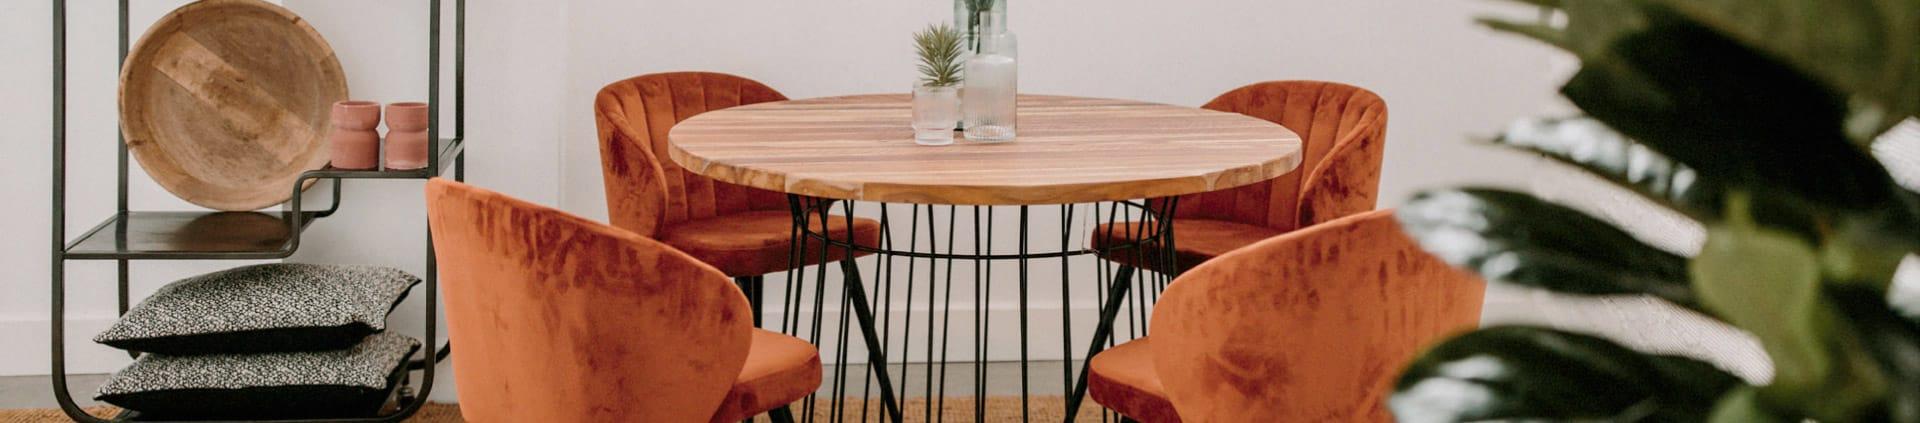 OWEN ESTRUCTURA NEGRA Armazones y estructuras de mesa